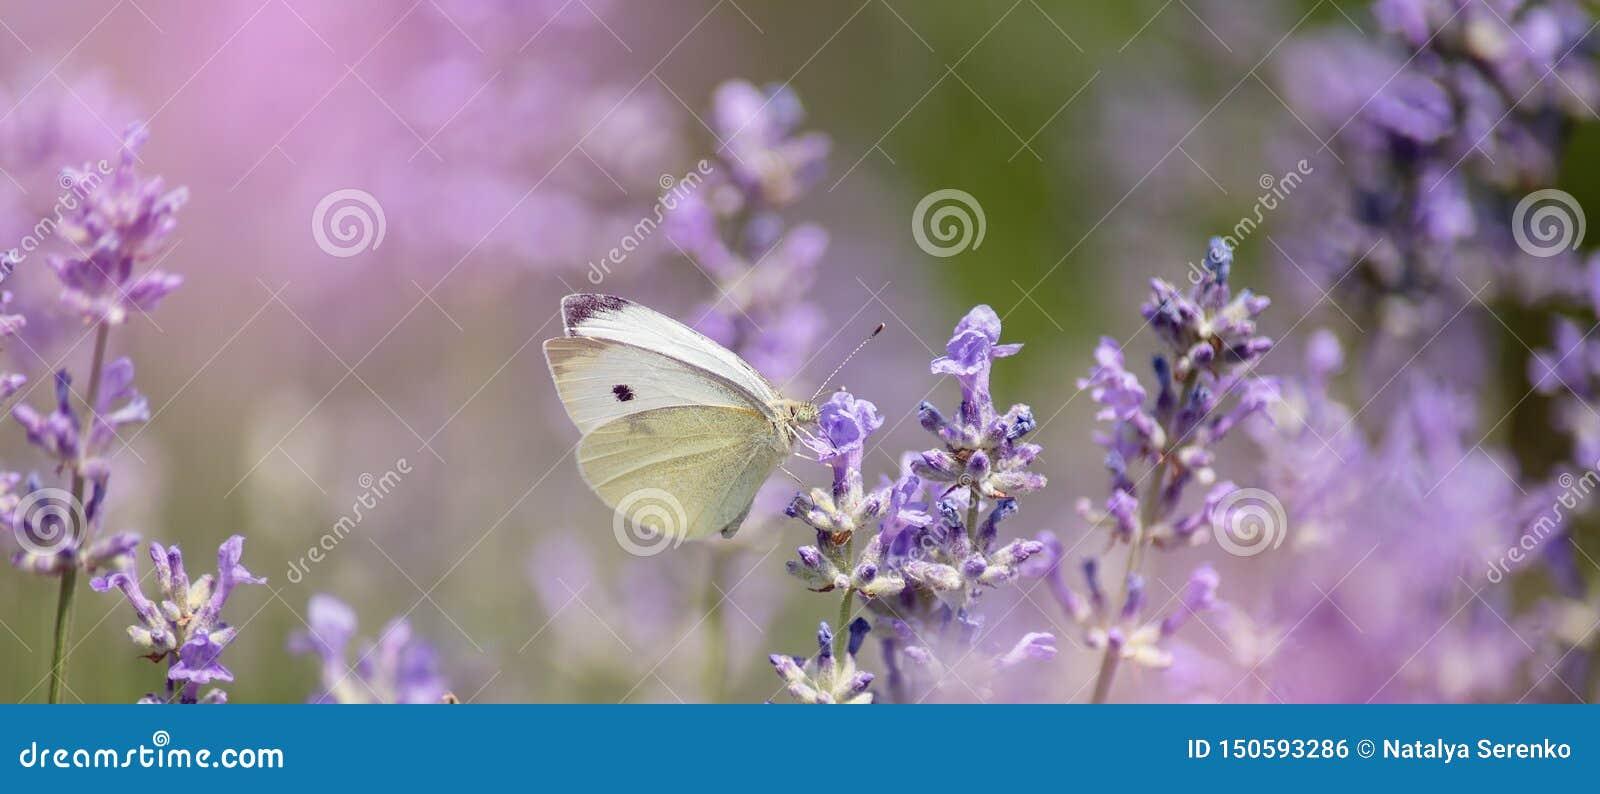 Lavendelbloemen op gebied Bestuiving met vlinder en lavendel met zonneschijn, zonnige lavendel Zachte nadruk, vage achtergrond